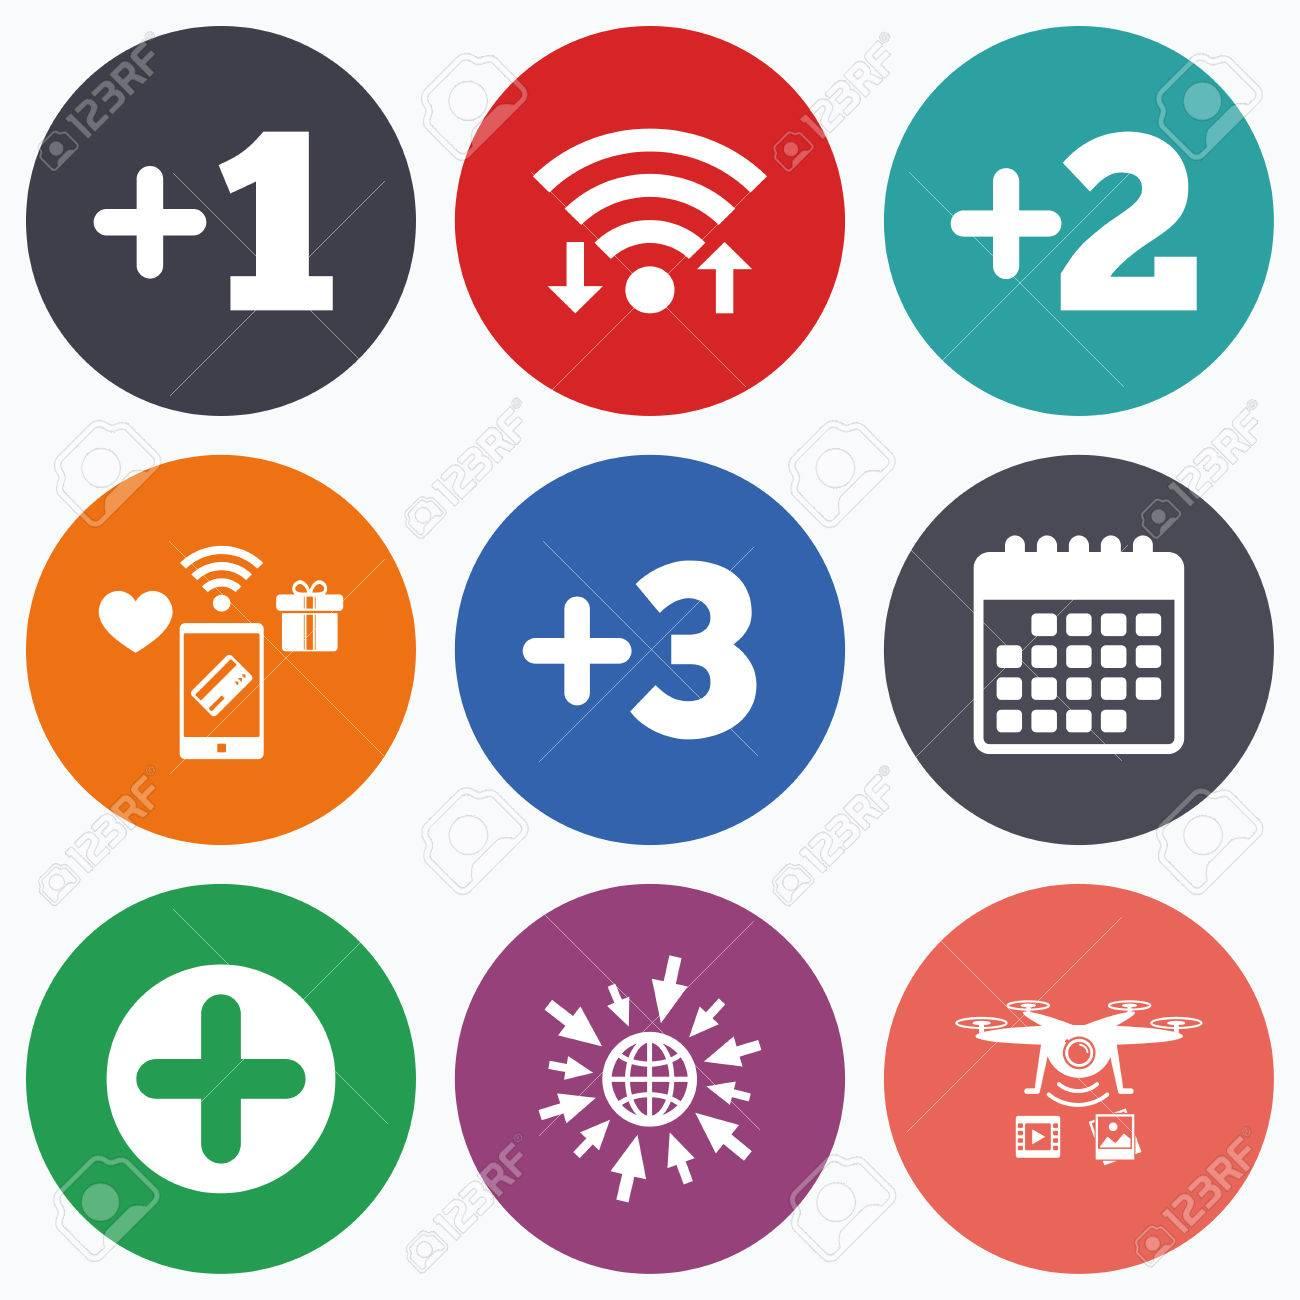 Due Piu Mobili.Wifi Pagamenti Mobili E Icone Di Droni Piu Icone Simbolo Positivo Aggiungi Uno Due Tre E Altri Quattro Segni Simbolo Del Calendario